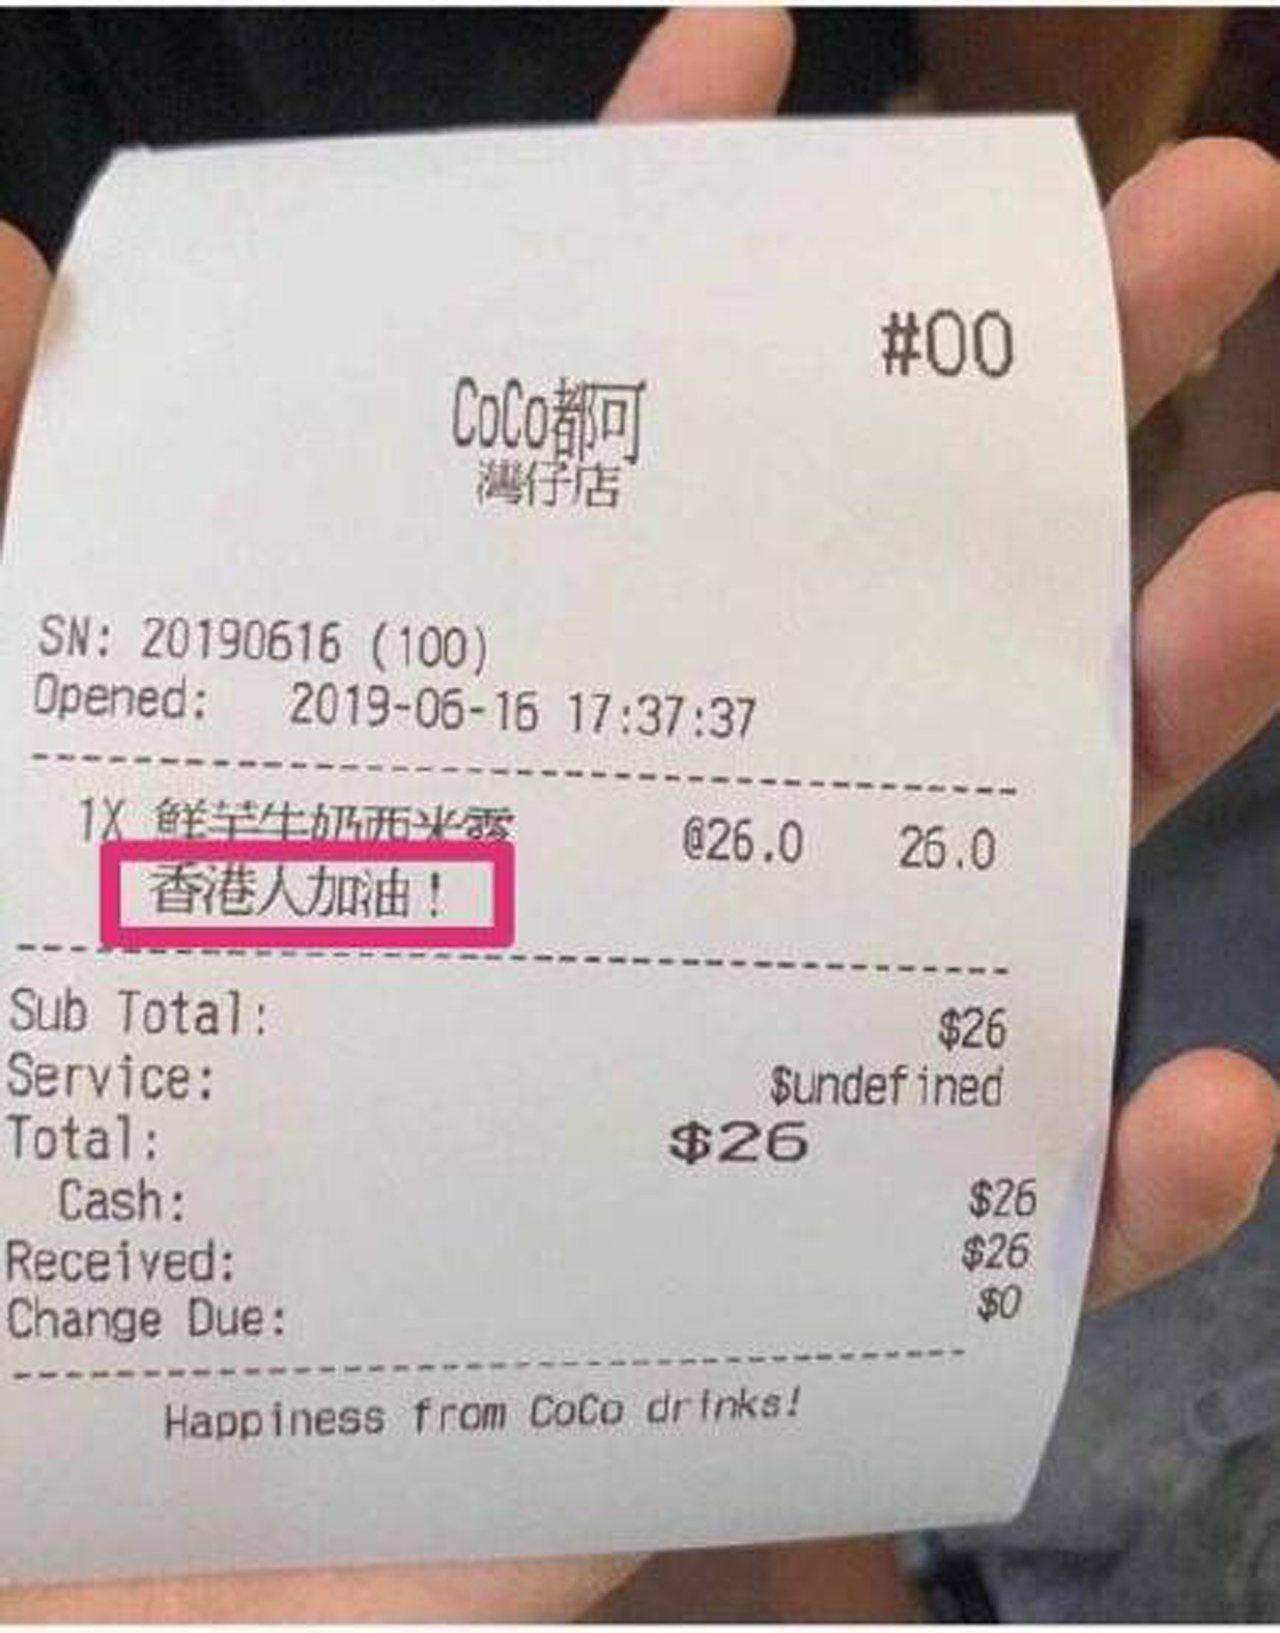 「CoCo都可」灣仔分店因在收據列印「香港人加油」字眼,而被指支持台獨、港獨。圖...